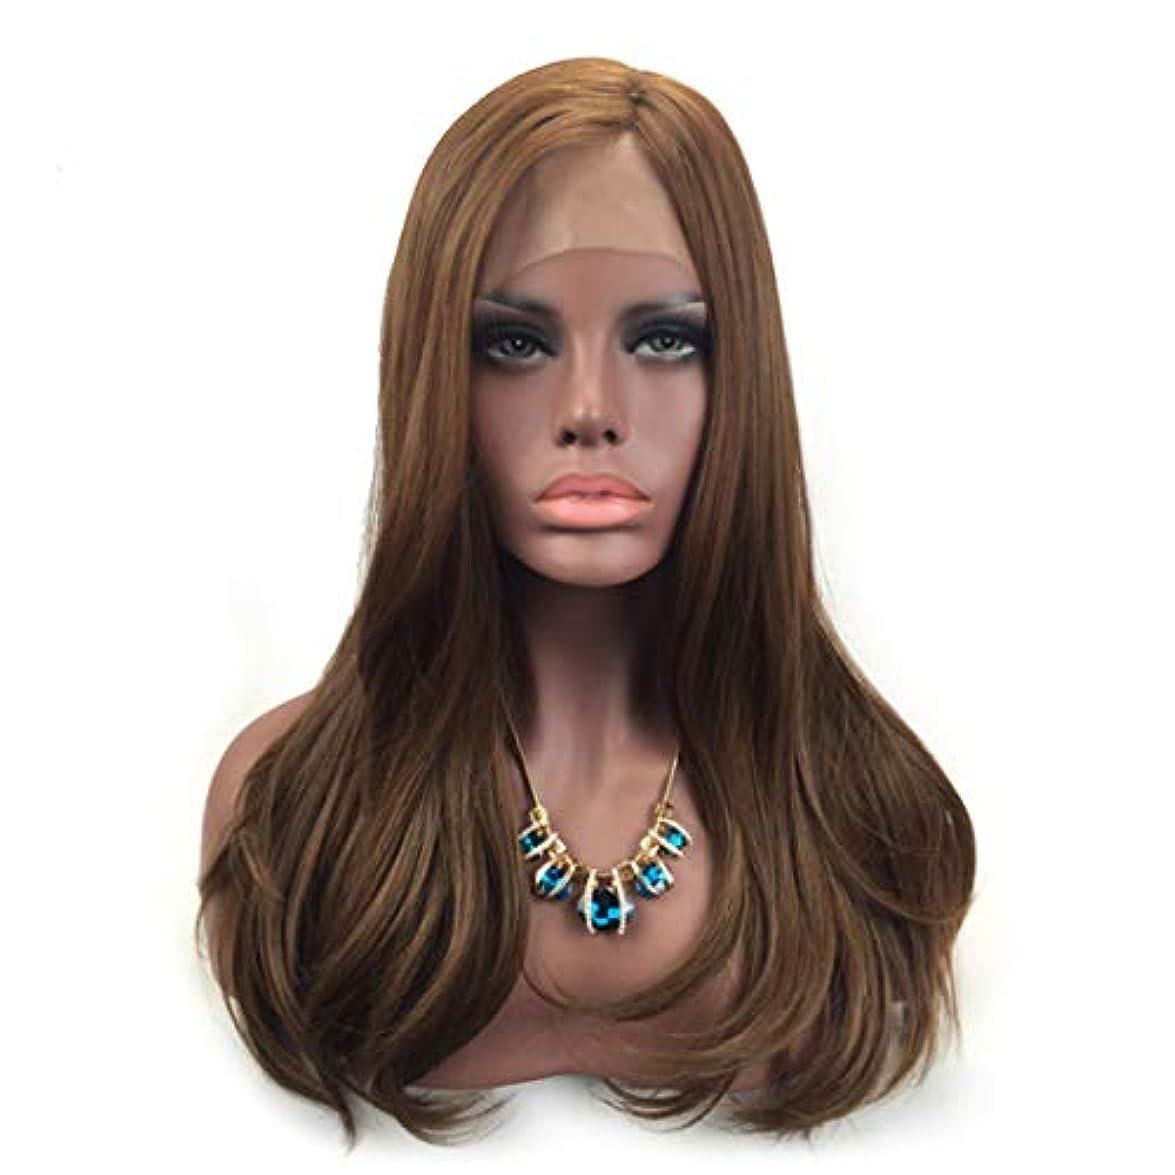 かなりの障害者おもちゃFuku つけ毛 前髪ブロンドのハイライトストレート合成フルウィッグ耐熱コスチュームウィッグ女性用女の子と女性用 (色 : 写真の通り)